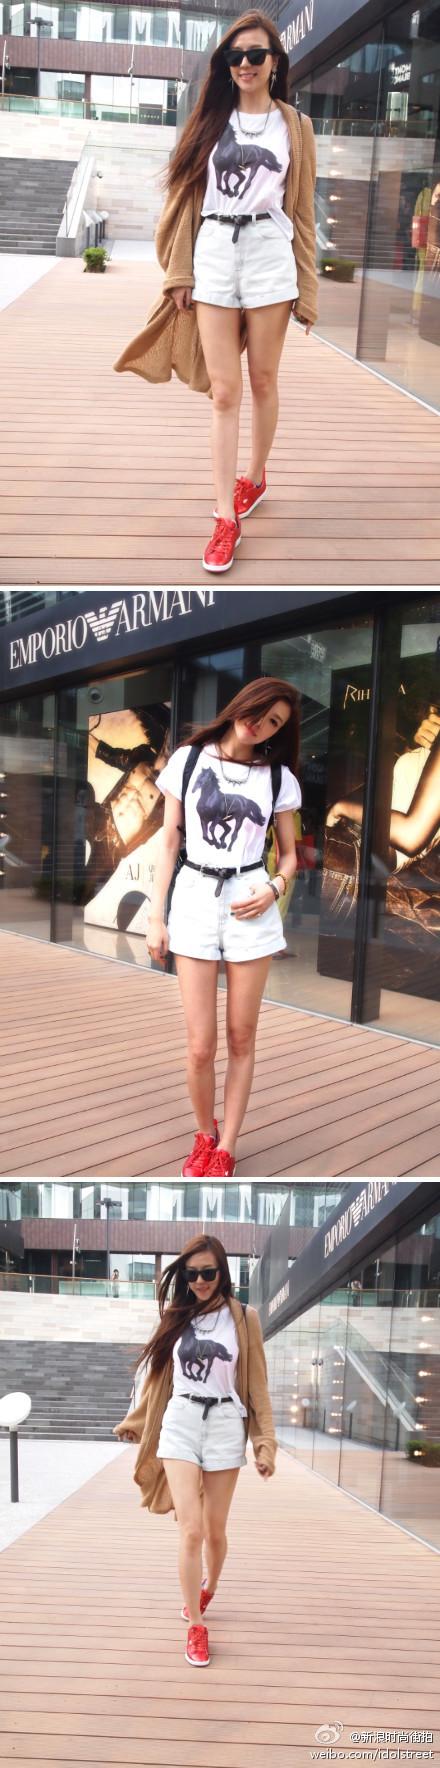 Zhou_Wei_Tong_1__2_